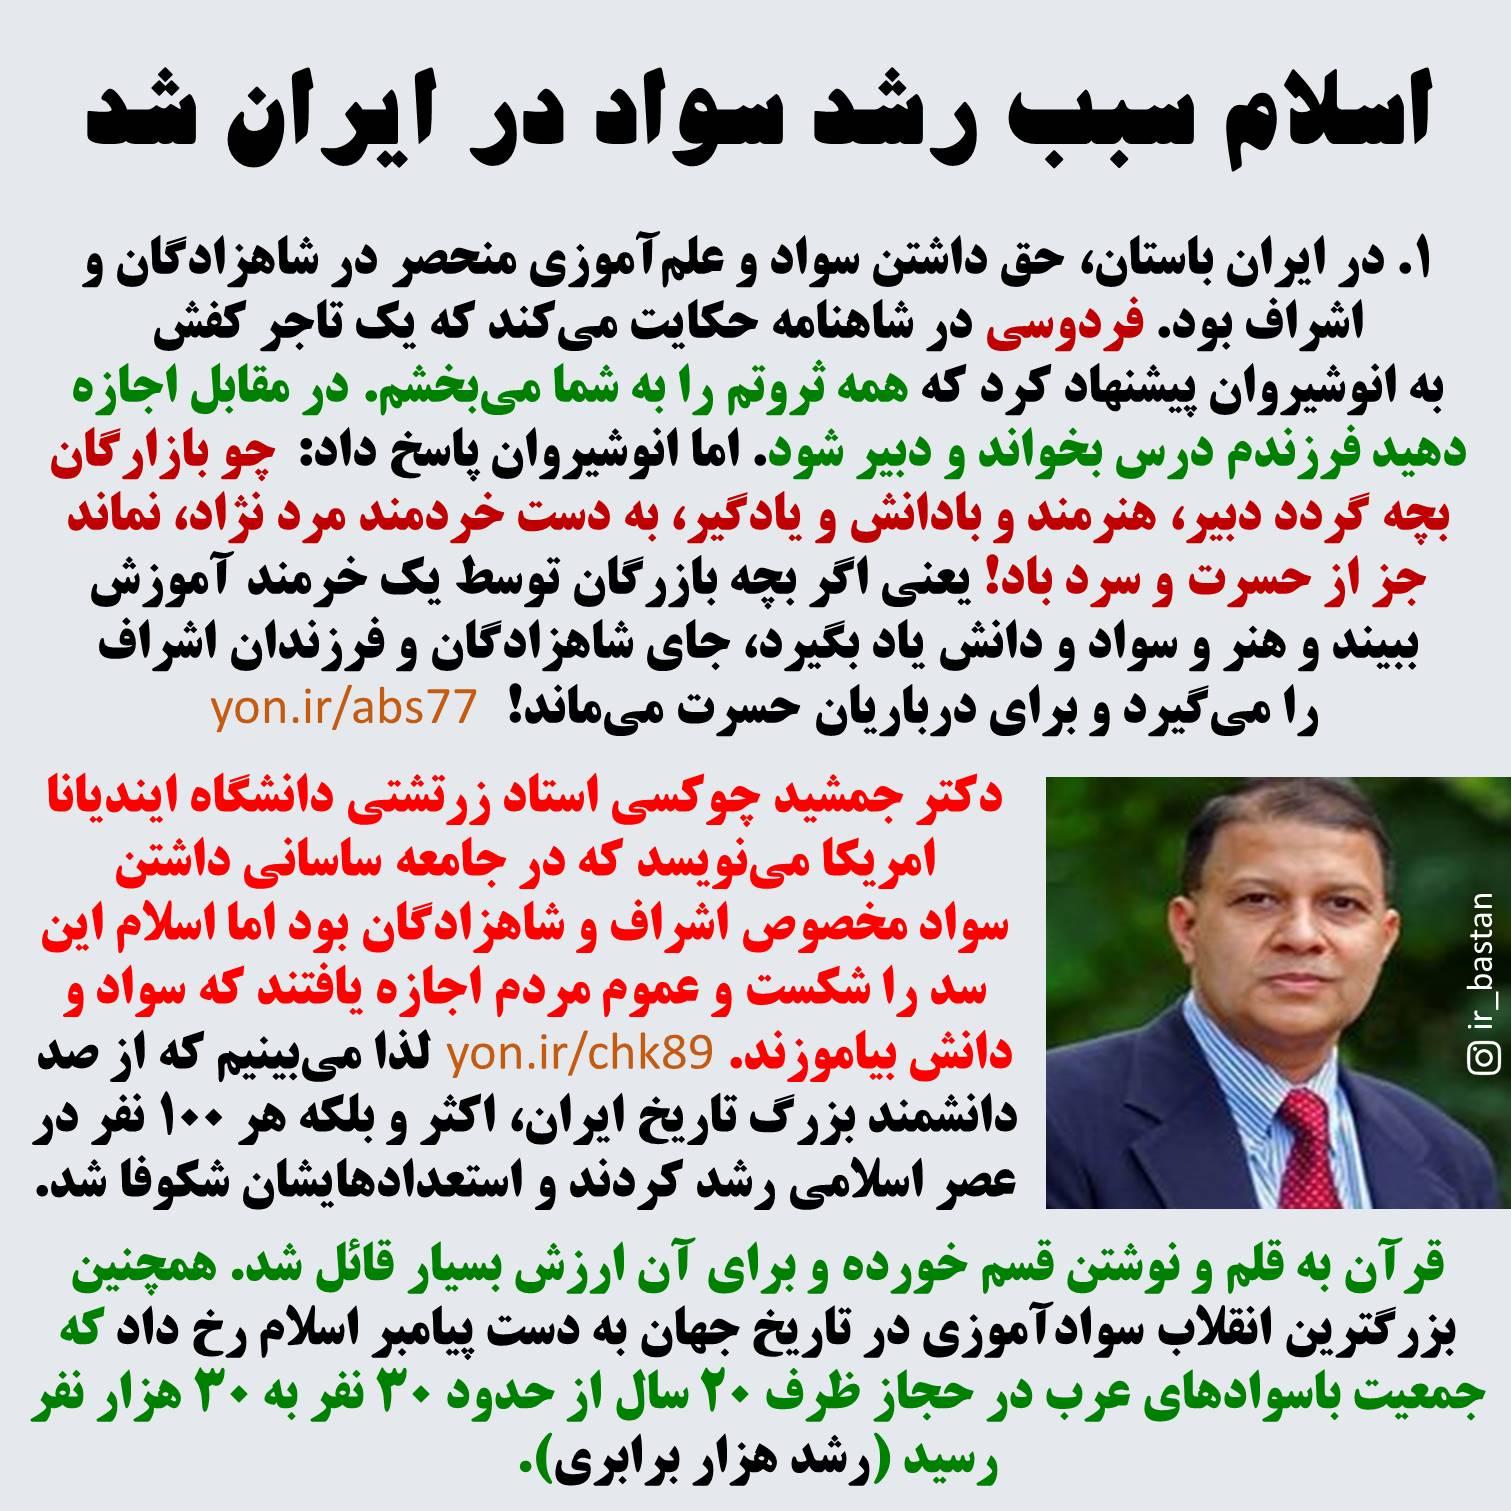 اسلام سبب رشد سواد در ایران شد - خدمات متقابل اسلام و ایران - علم و دانش